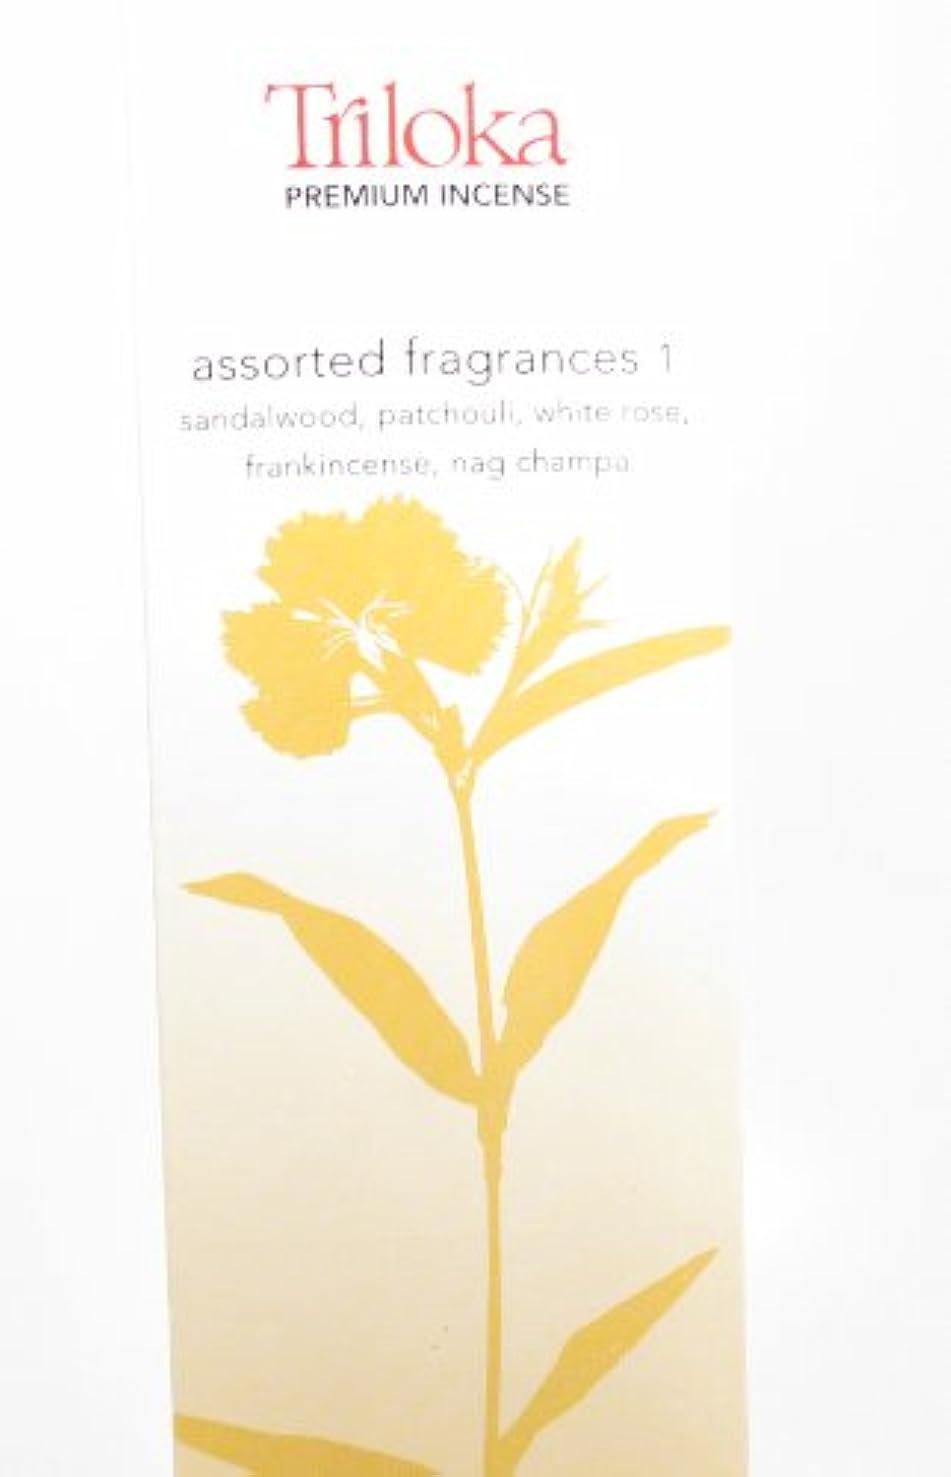 名目上の遊びます免除Triloka - 優れた香は芳香1を分類した - 10棒